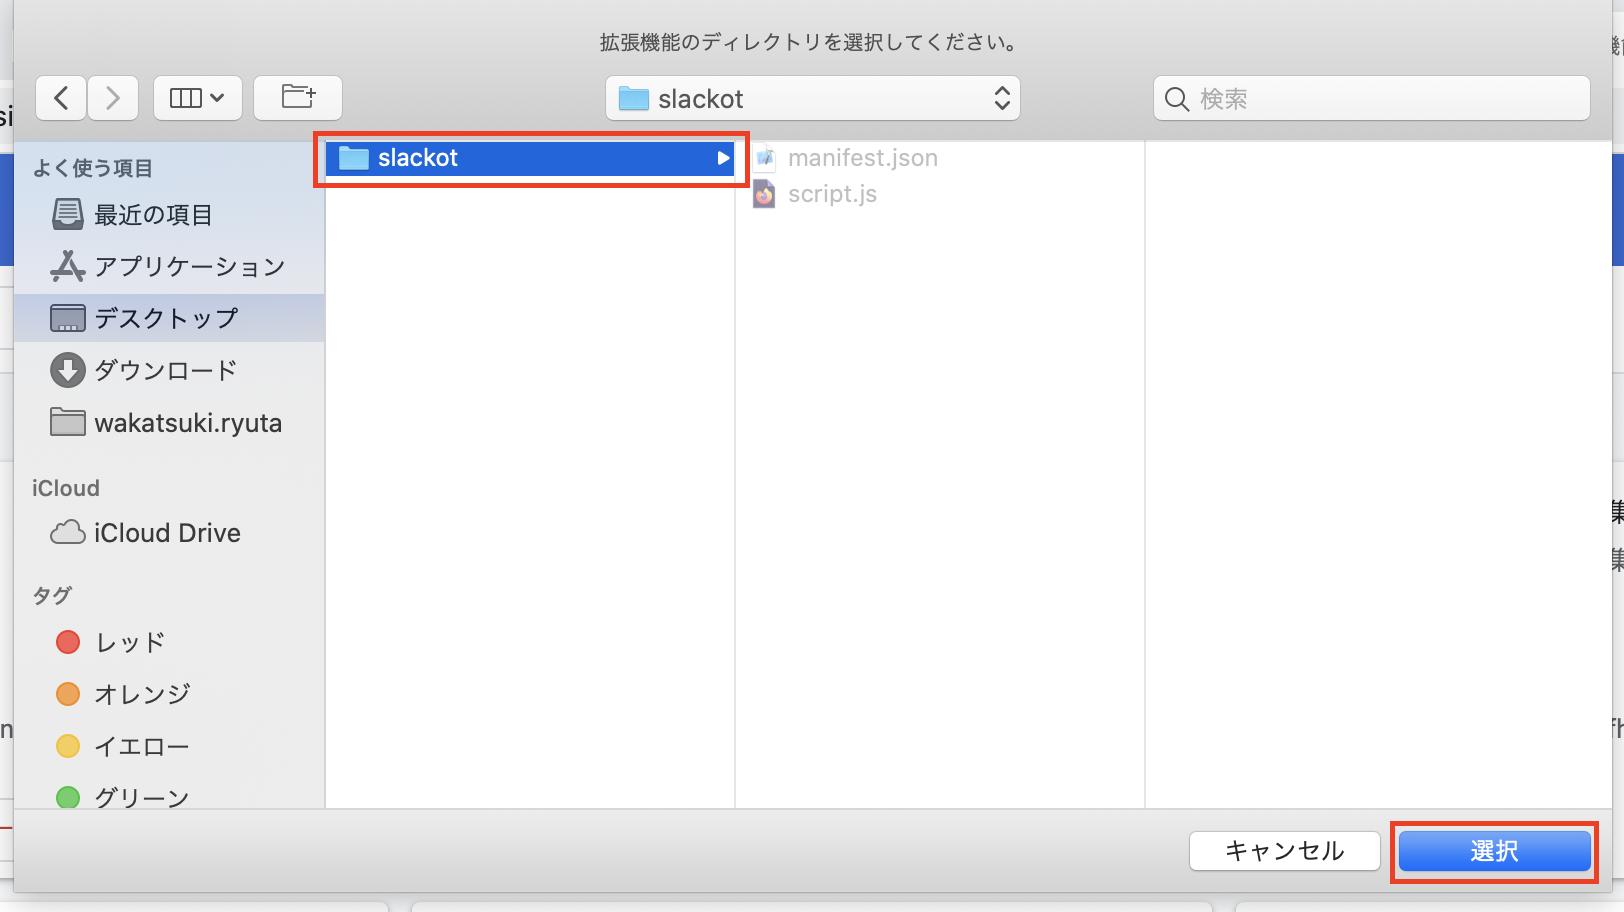 スクリーンショット 2020-06-25 0.27.23.png